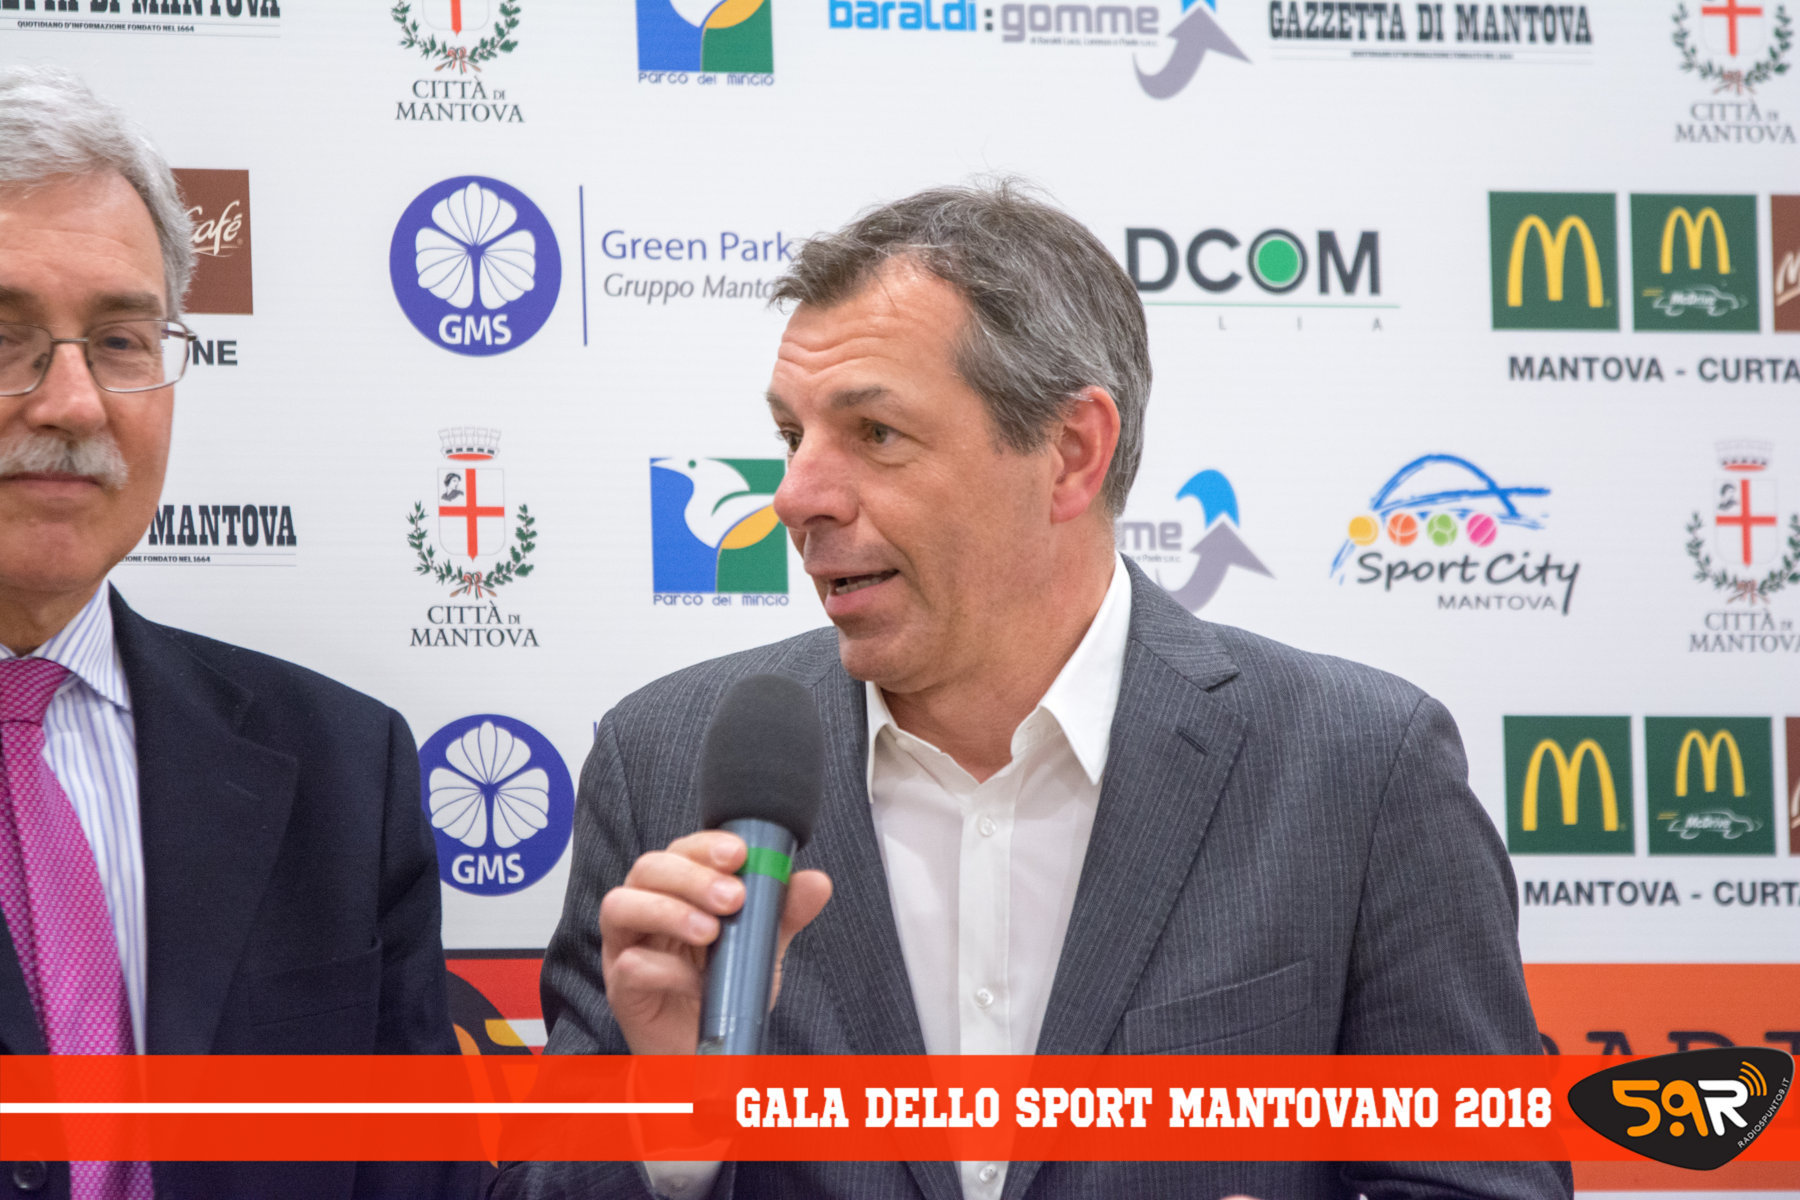 Gala dello Sport Mantovano 2018 Web Radio 5 (3)